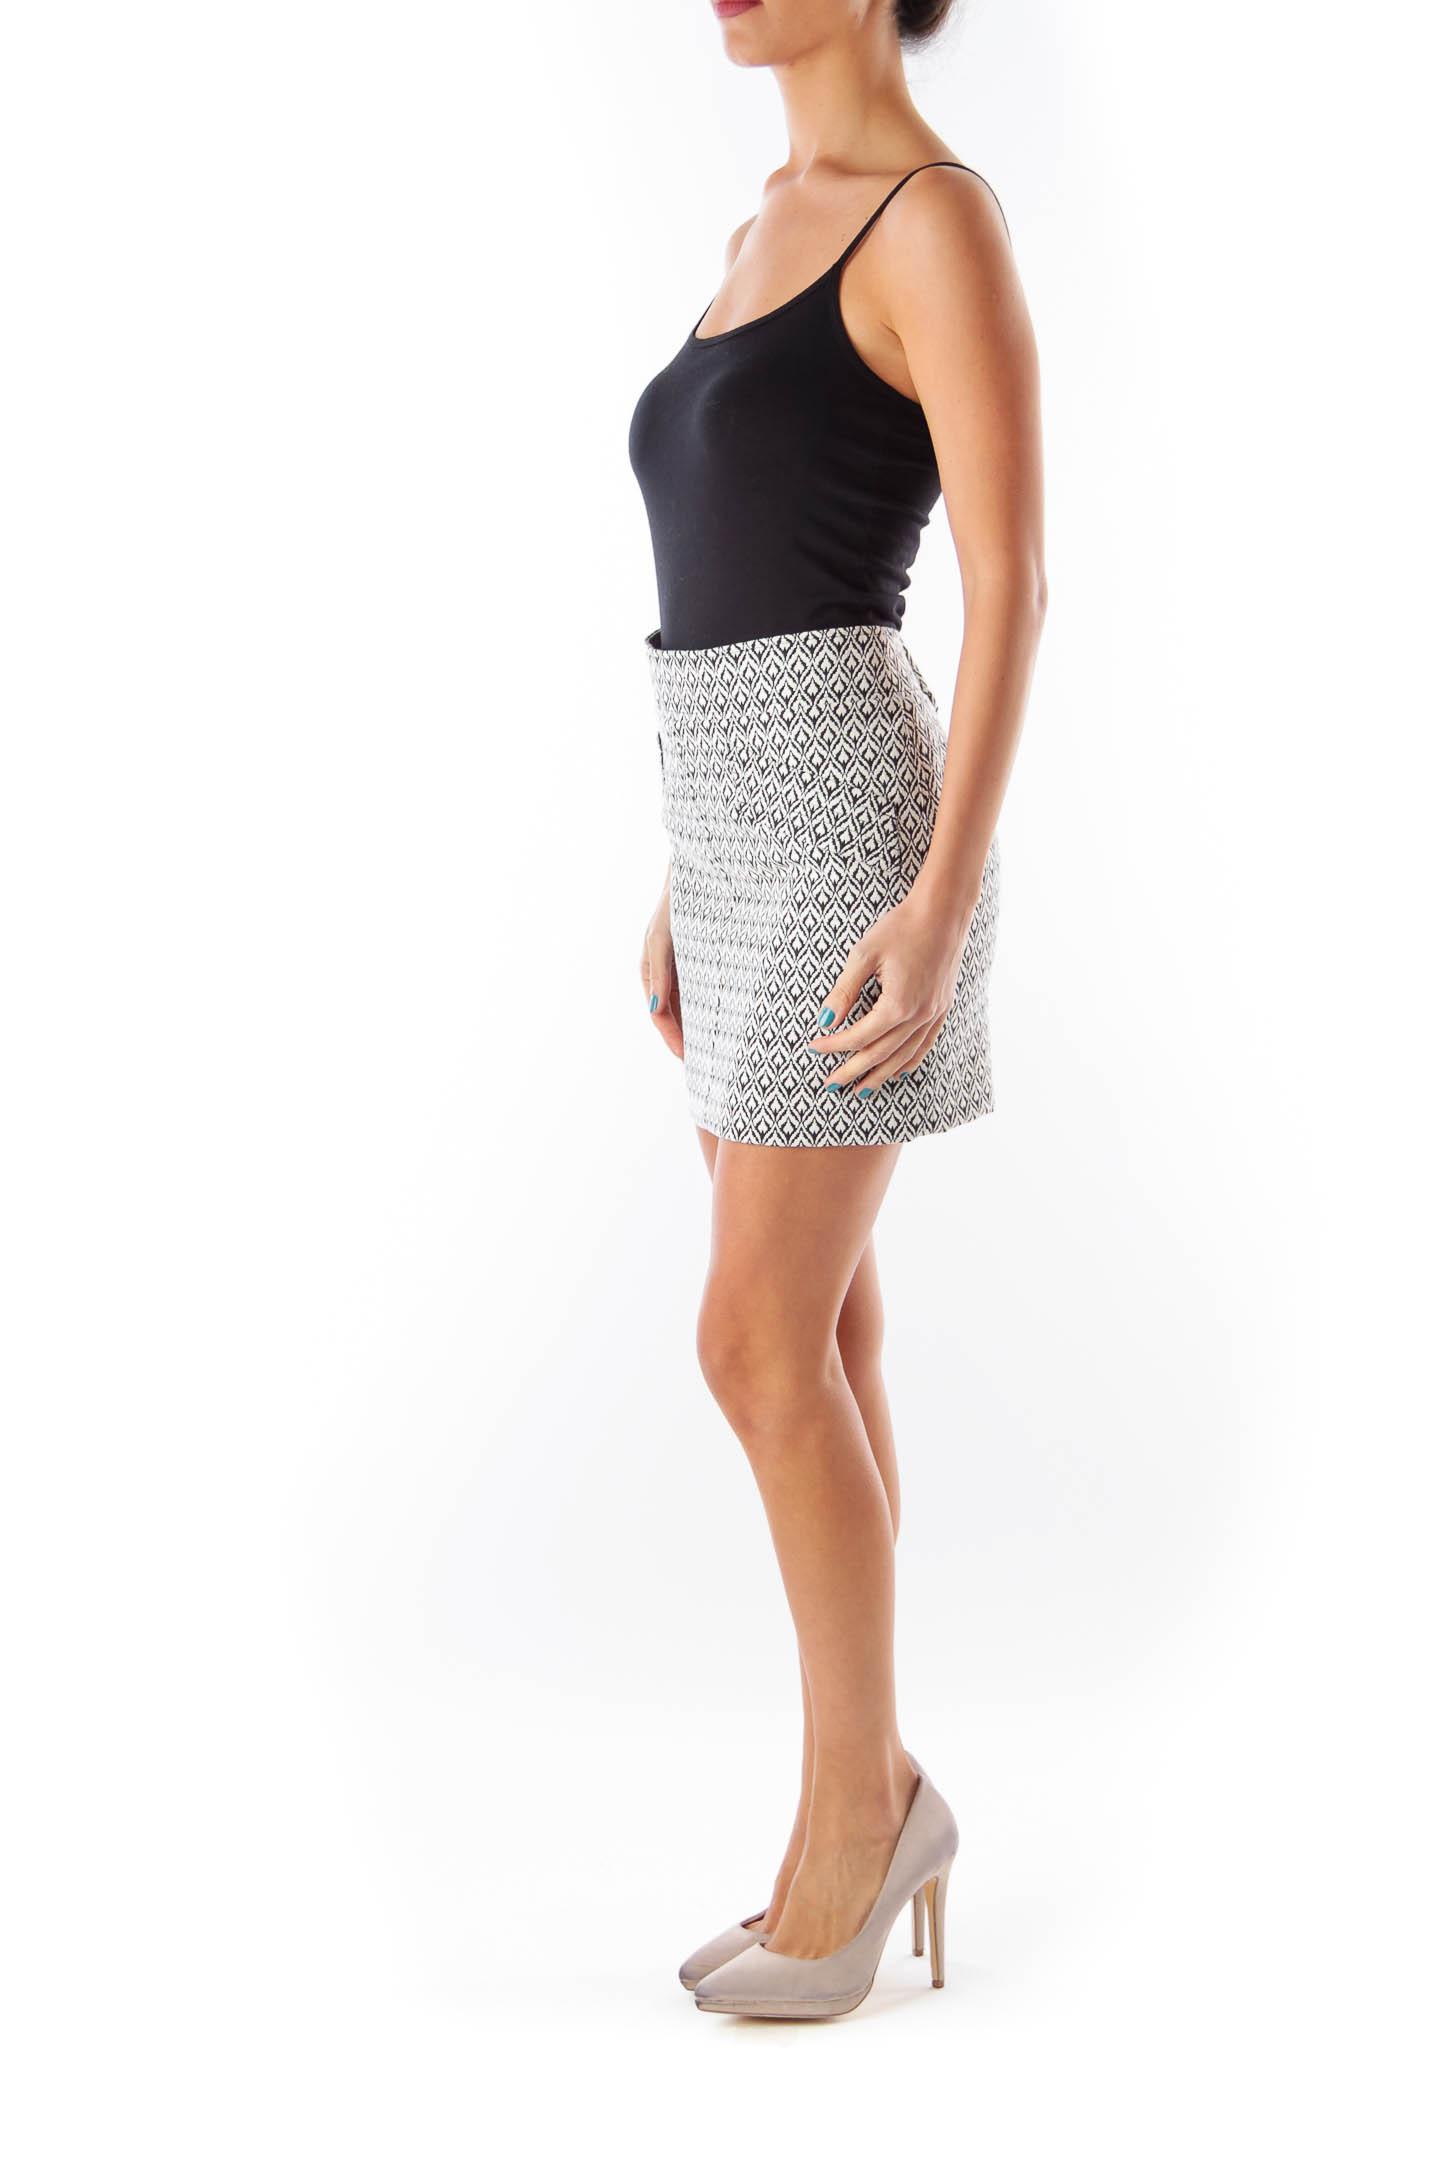 Black & White Print Mini Skirt